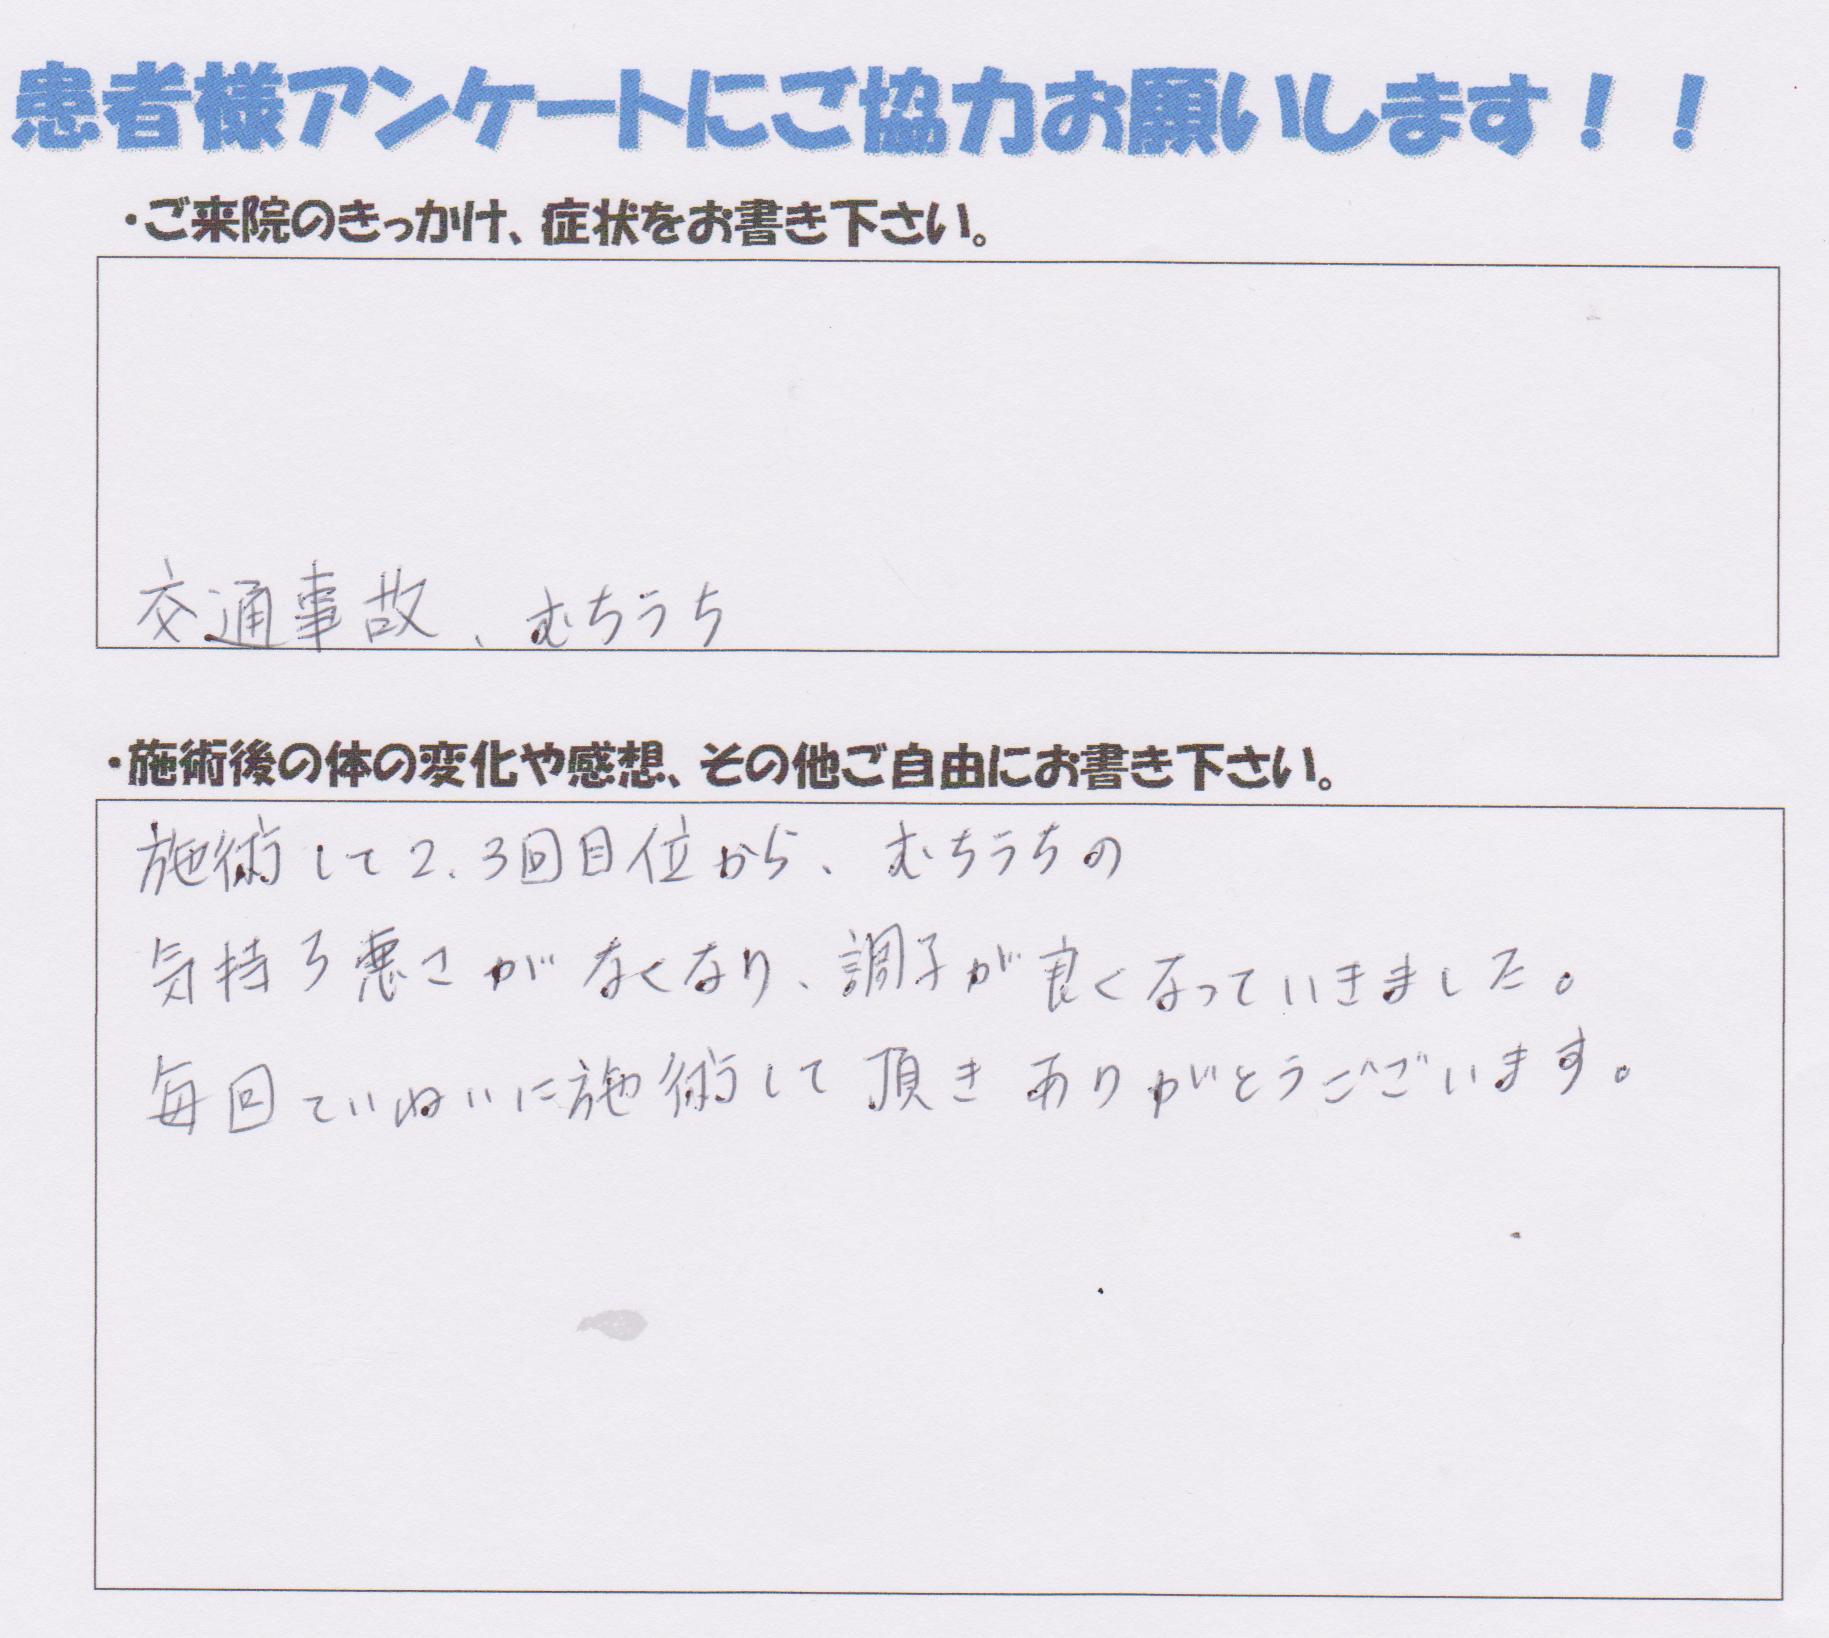 患者様の声 松田様 001.jpg